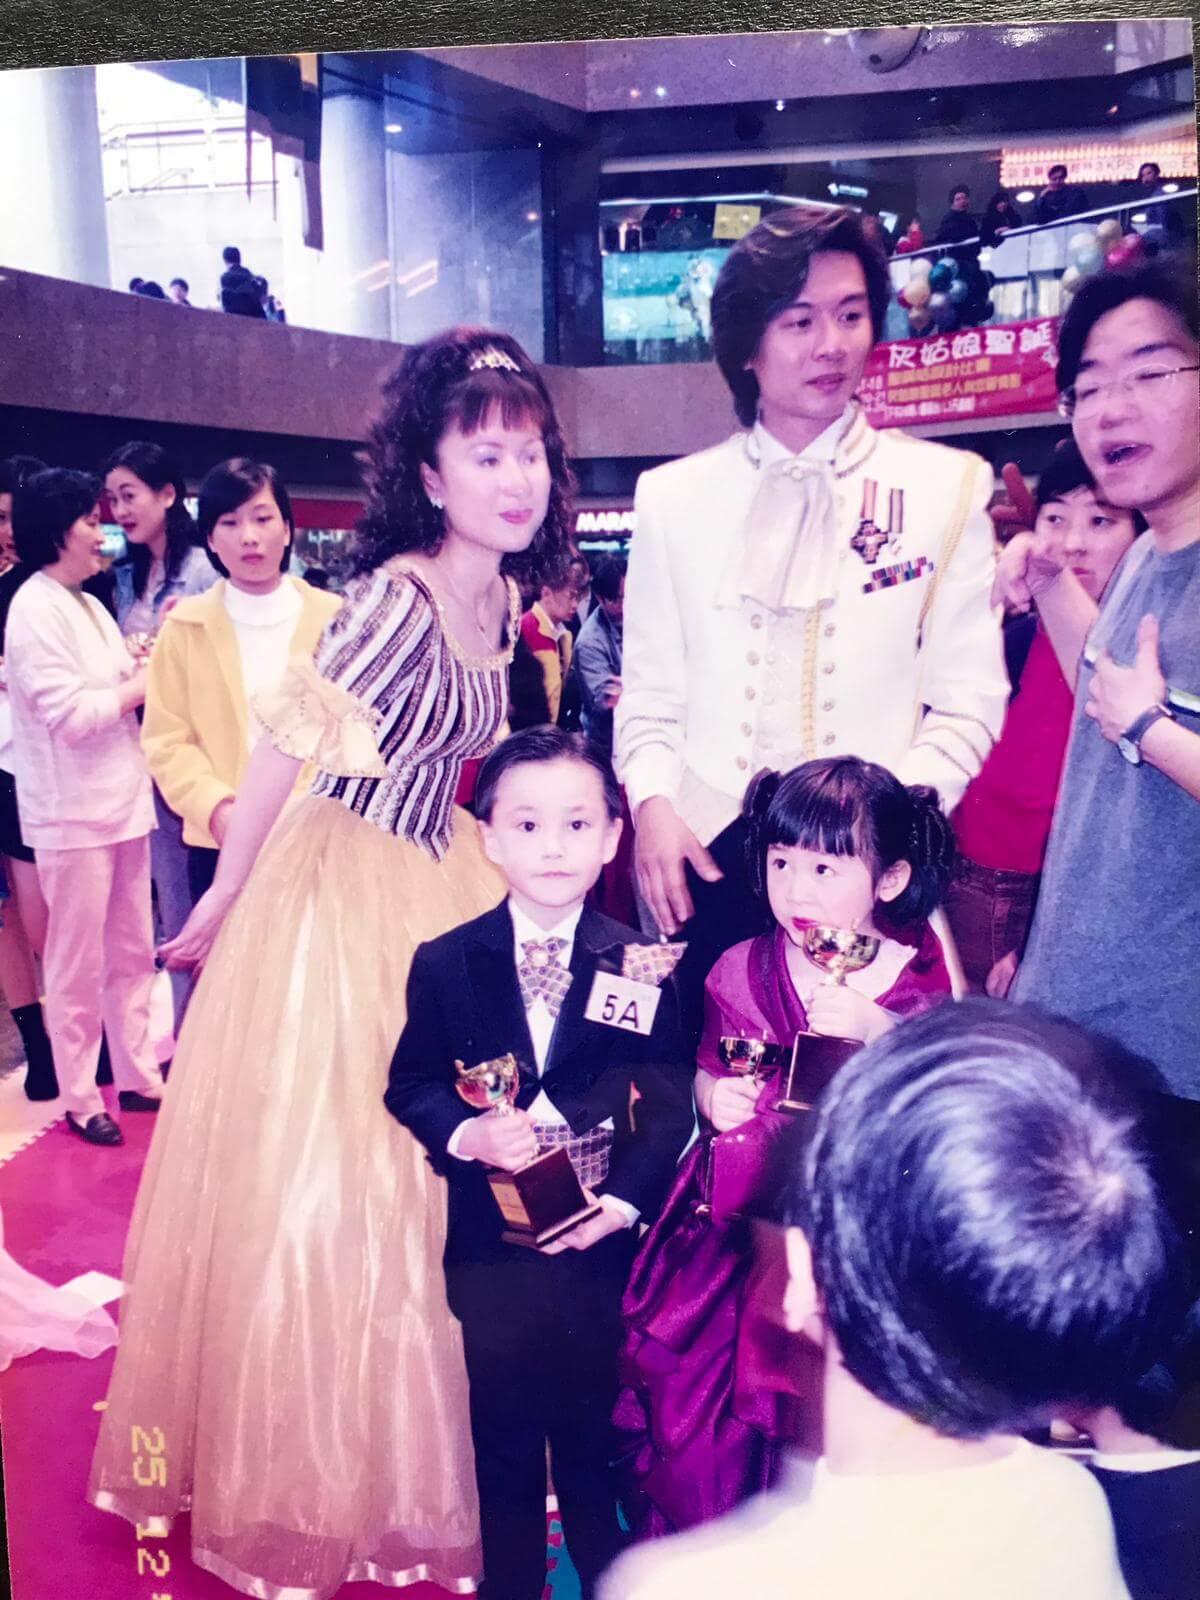 Brian五歲時曾參加比賽得「最英俊王子獎」